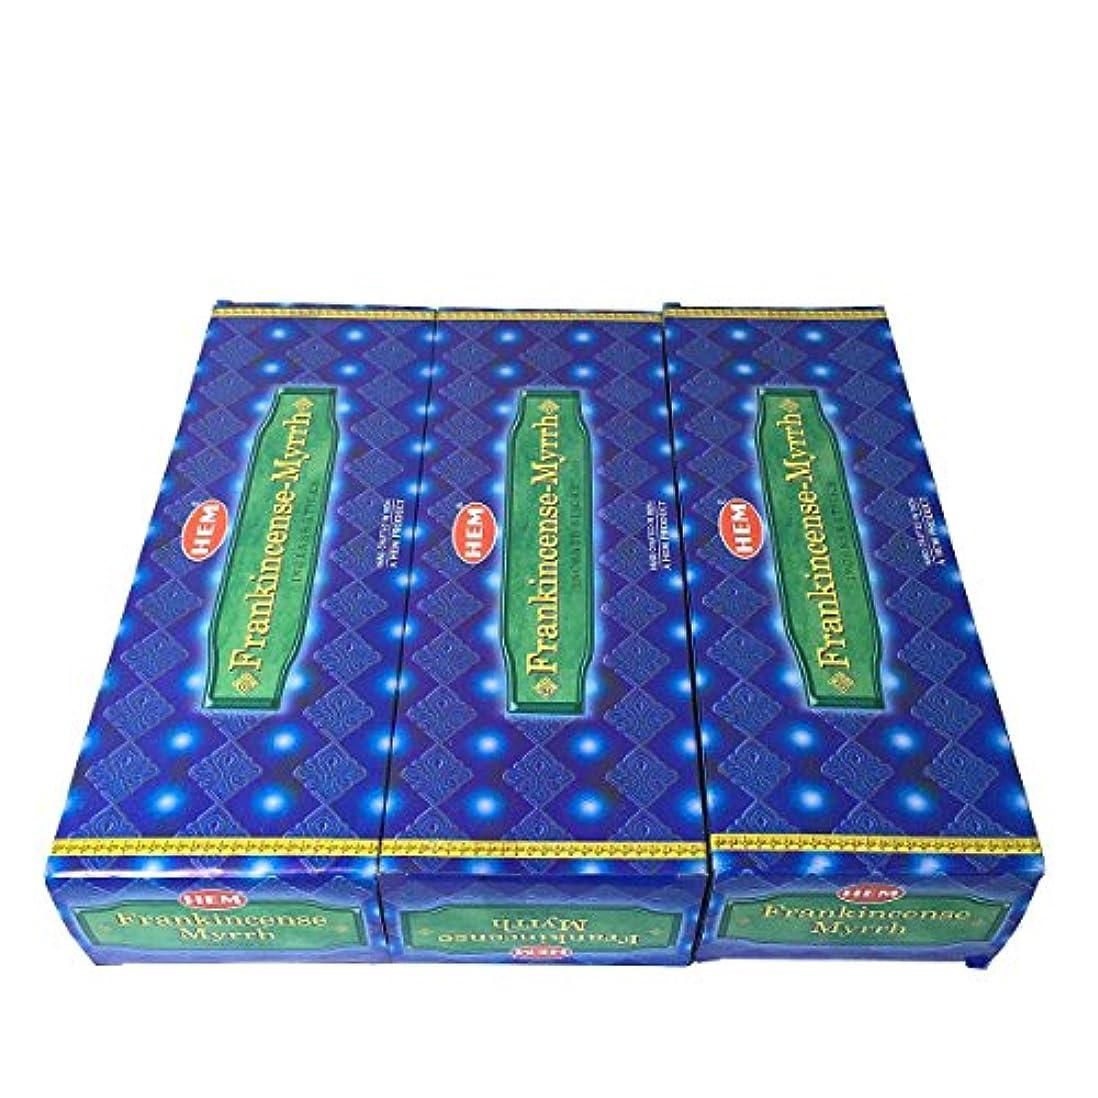 ラフレシアアルノルディの頭の上放つフランキンセンス ミルラ香スティック 3BOX(18箱) /HEM FRANKINCENSE MYRRH/インセンス/インド香 お香 [並行輸入品]